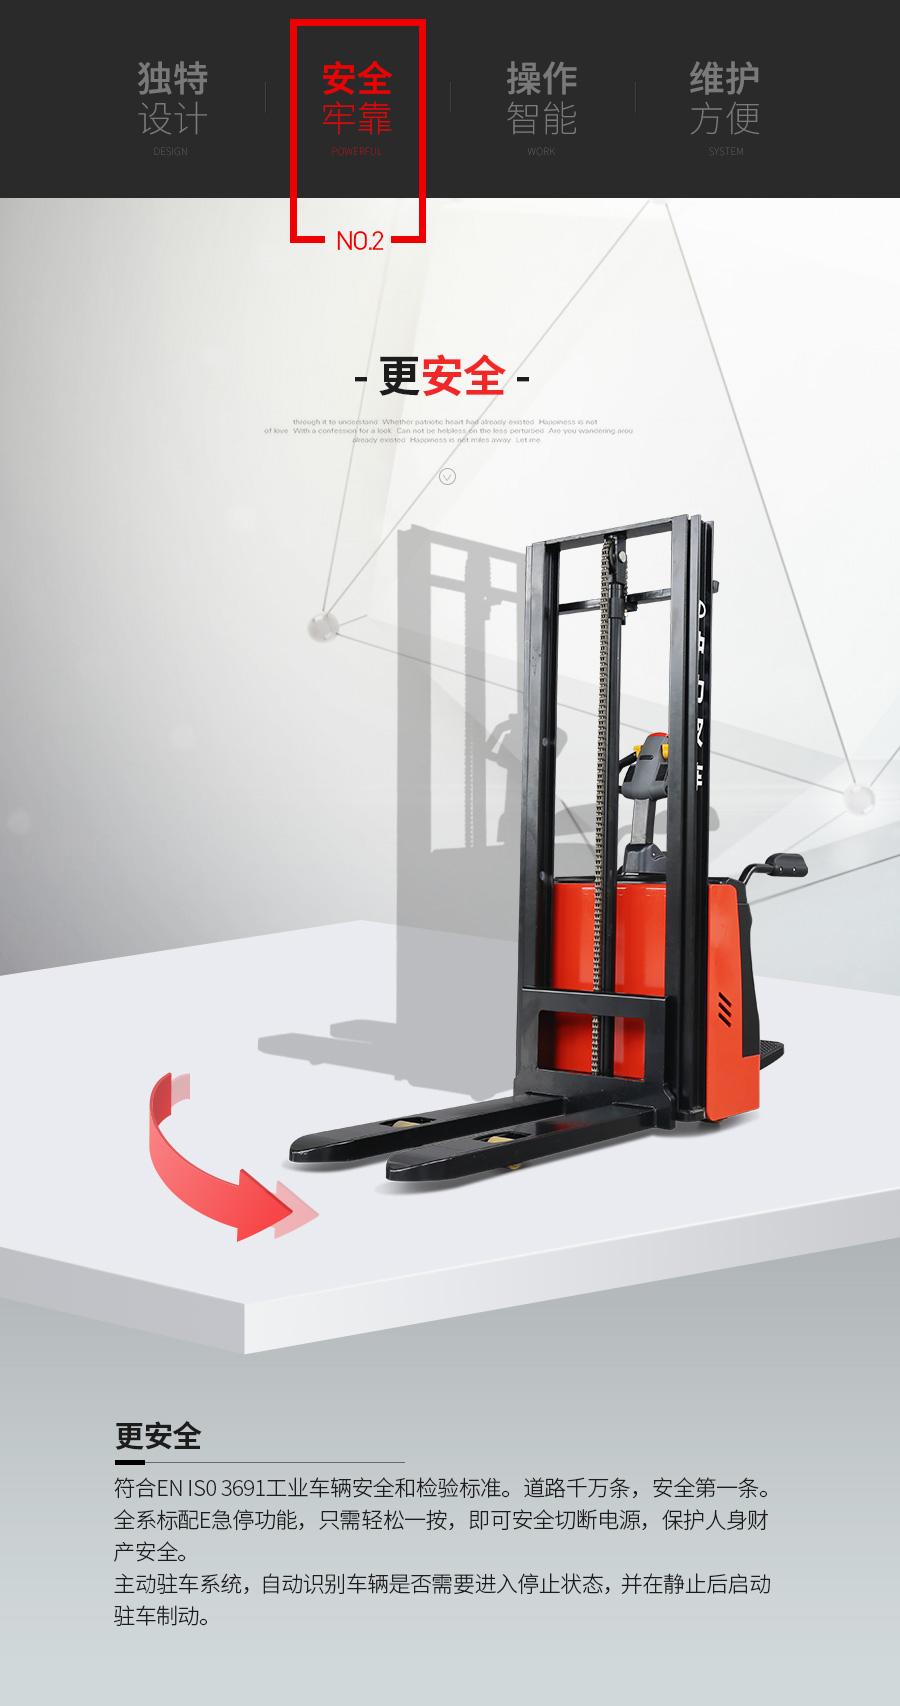 中力 1.5吨电动堆高车RSB151Z 电子转向辅助系统